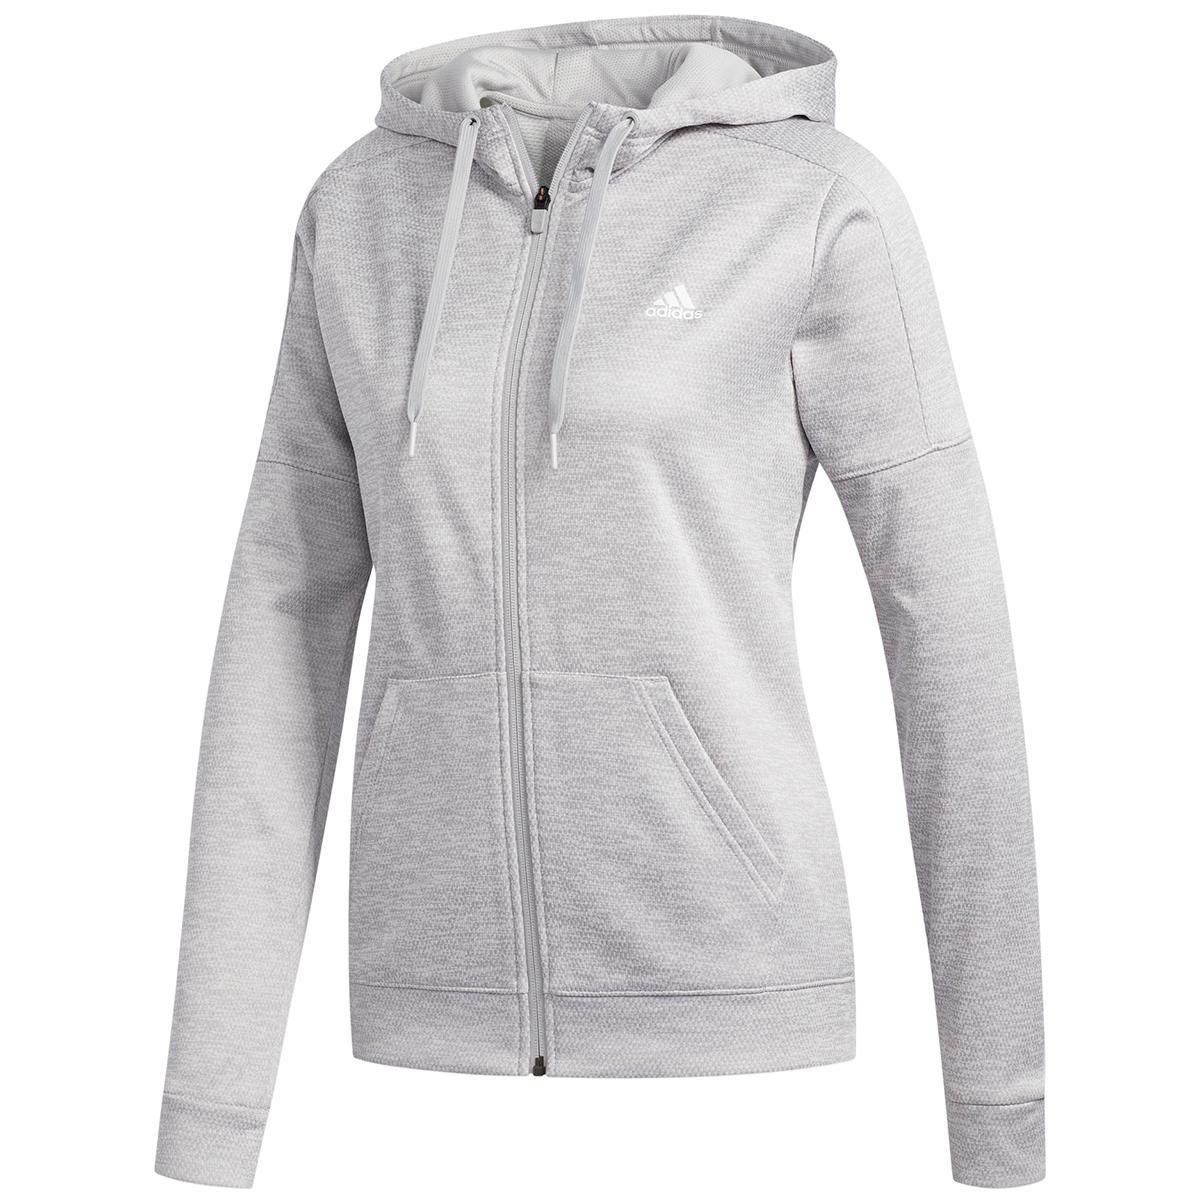 Adidas Women's Team Issue Full-Zip Hoodie - Black, M